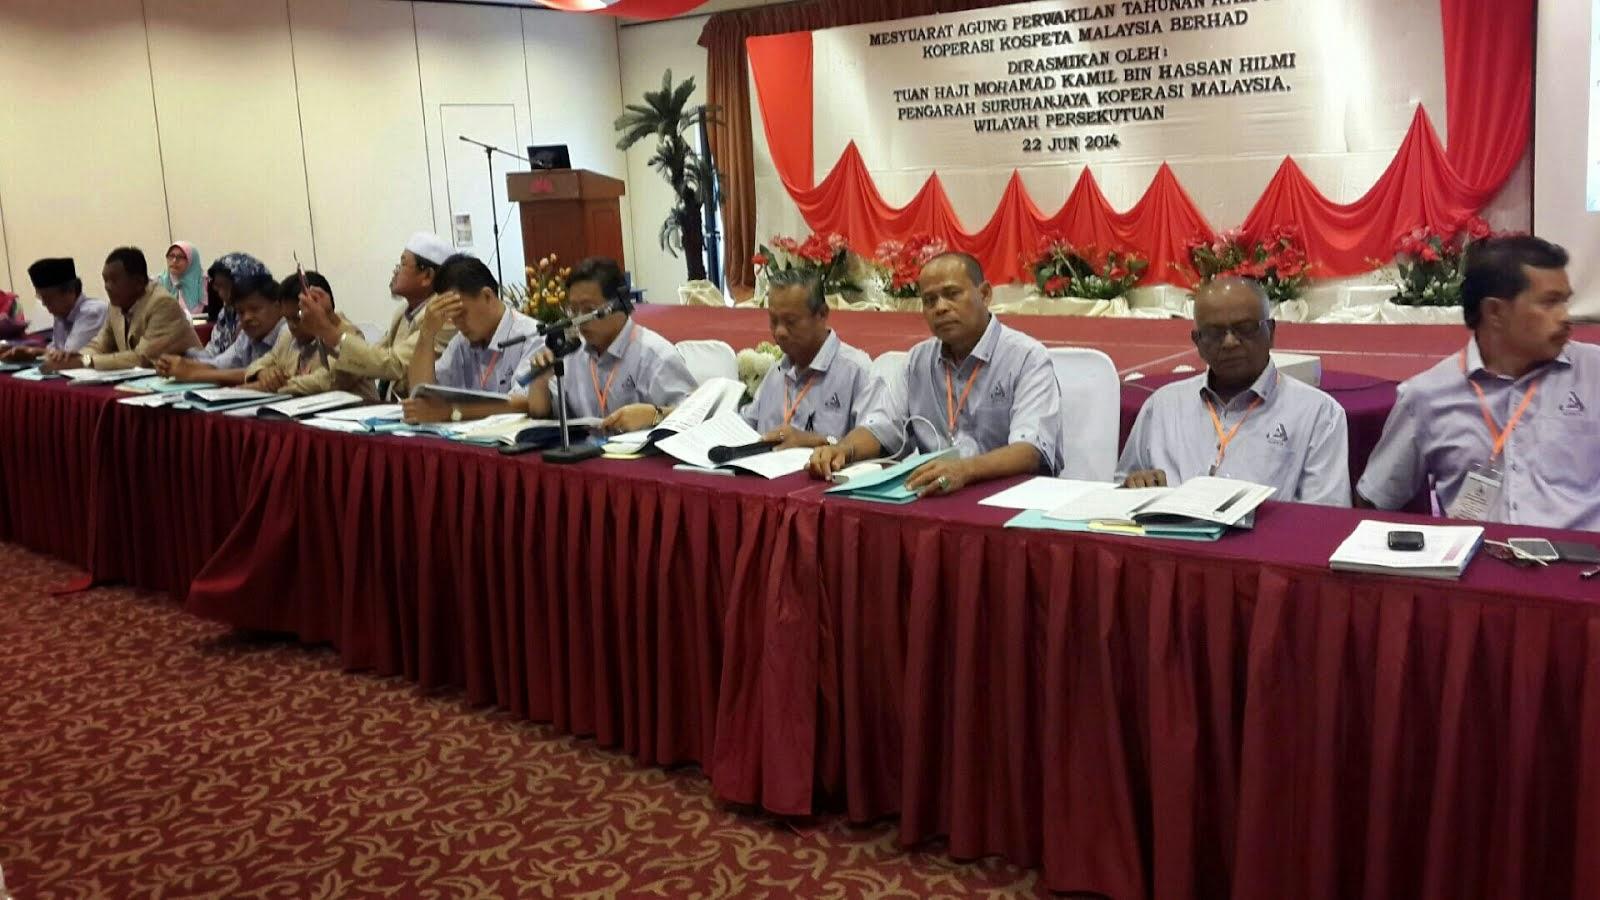 Mesyuarat Agung KOSPETA 22/06/2014 di Kuala Trengganu 2014